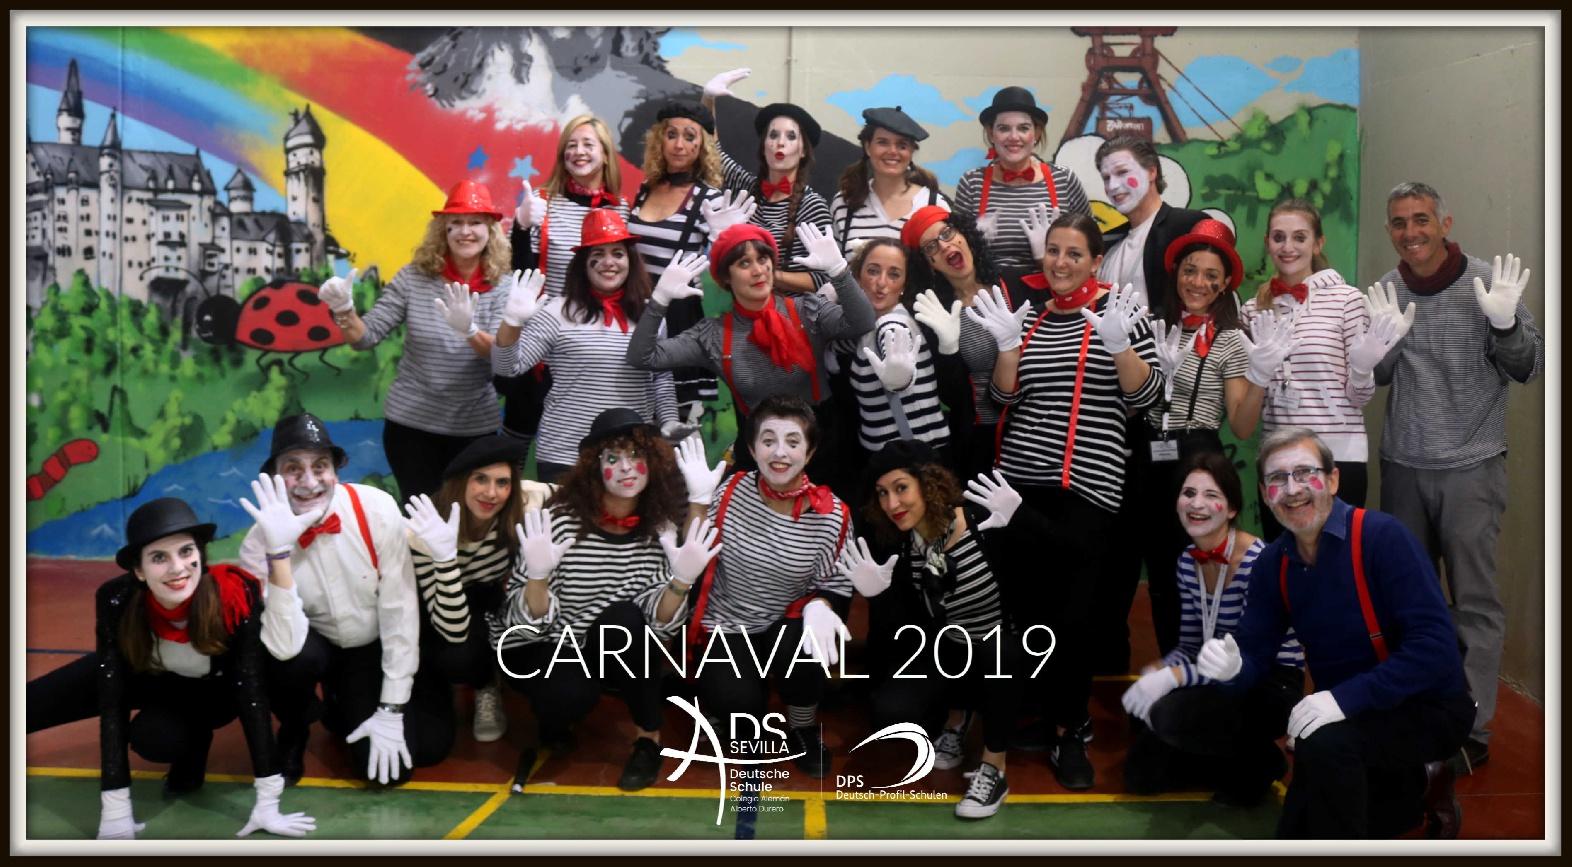 CARNAVAL 2019 EN EL COLEGIO ALEMÁN SEVILLA